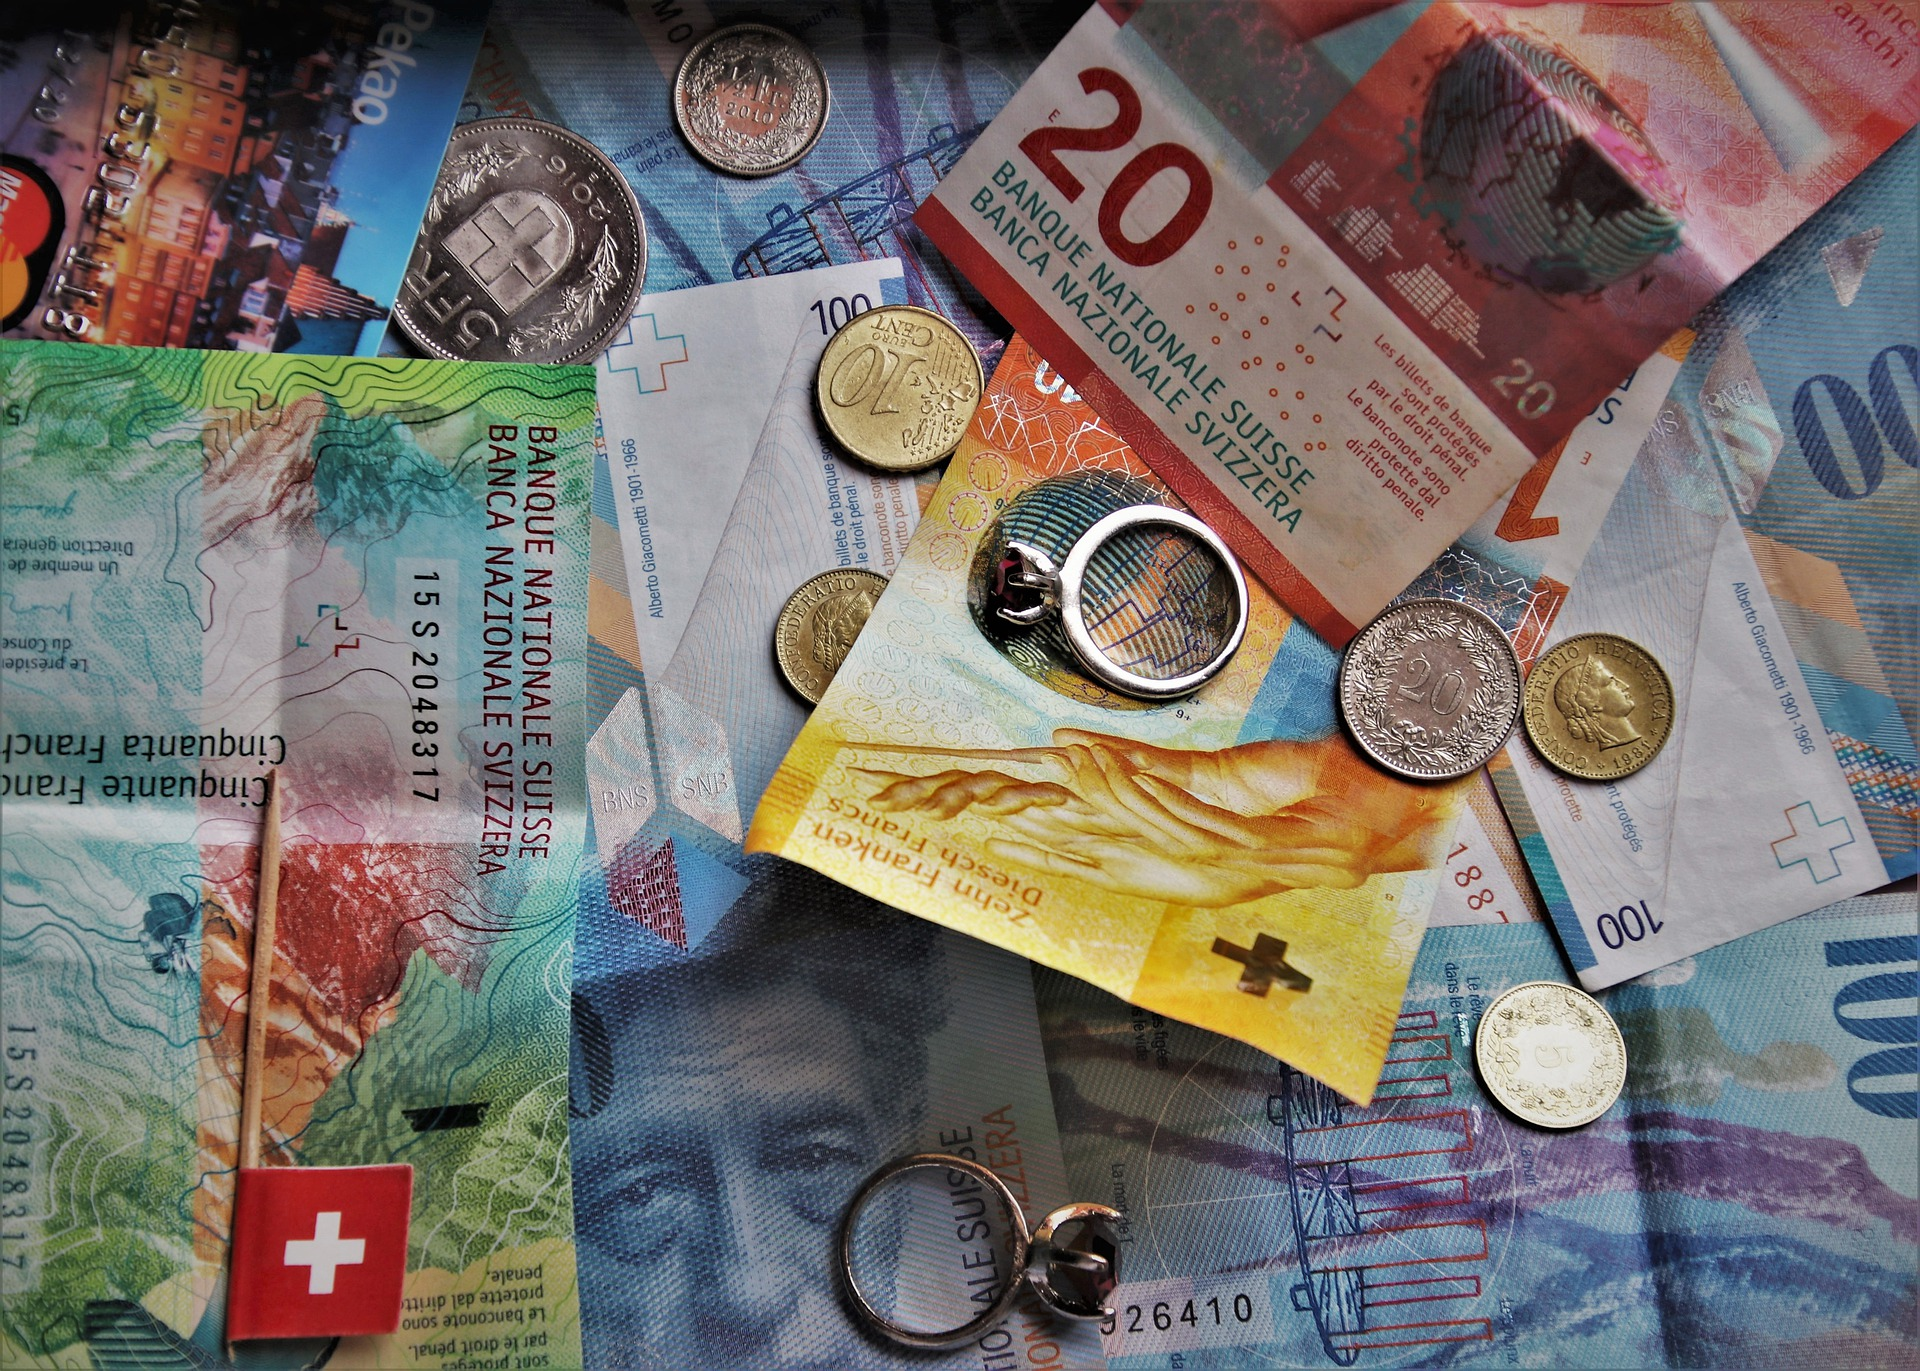 Banco de Pagos Internacionales y Banco Central de Suiza finalizan con éxito las pruebas piloto de una moneda digital emitida por bancos centrales a escala mayorista